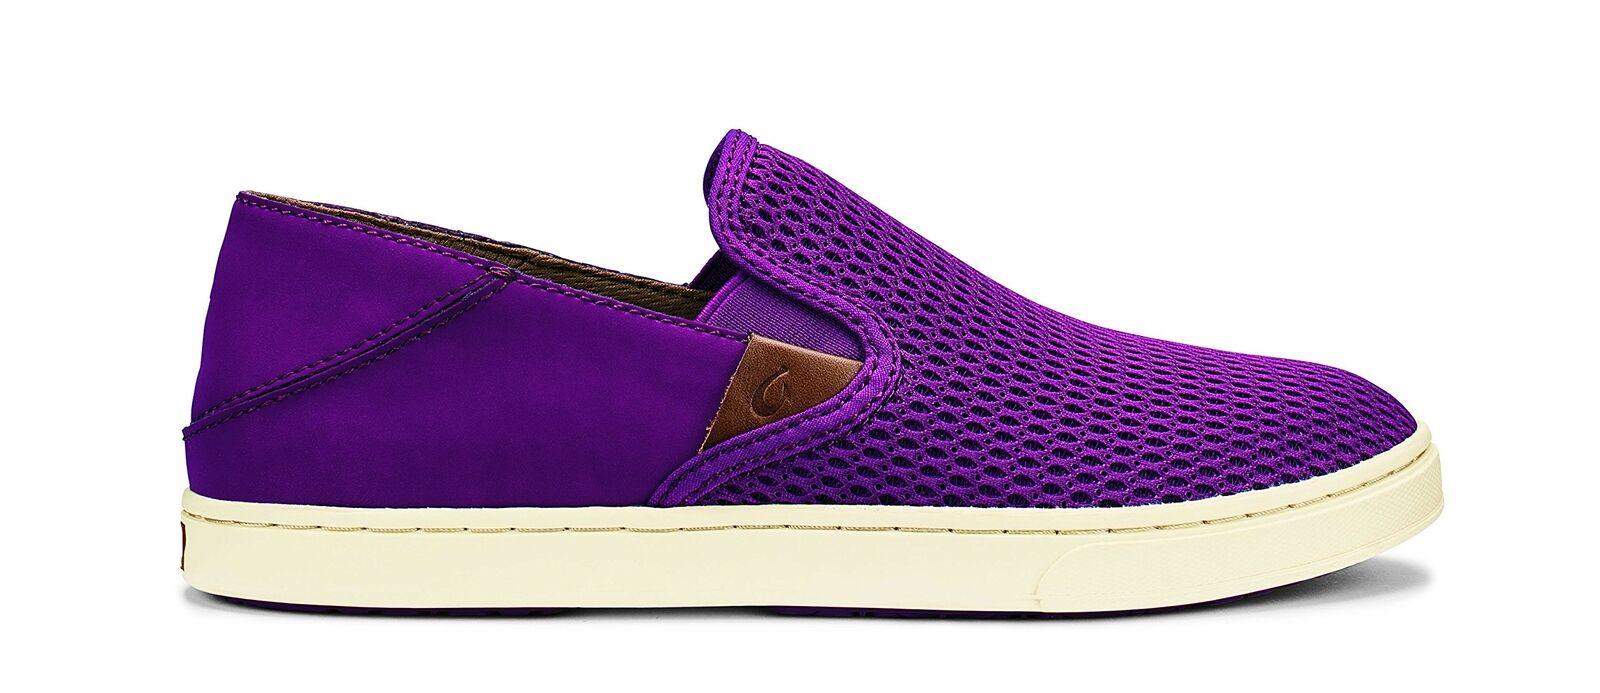 Olukai Wouomo Nalukai Leather scarpe Magenta Magenta 7 M US